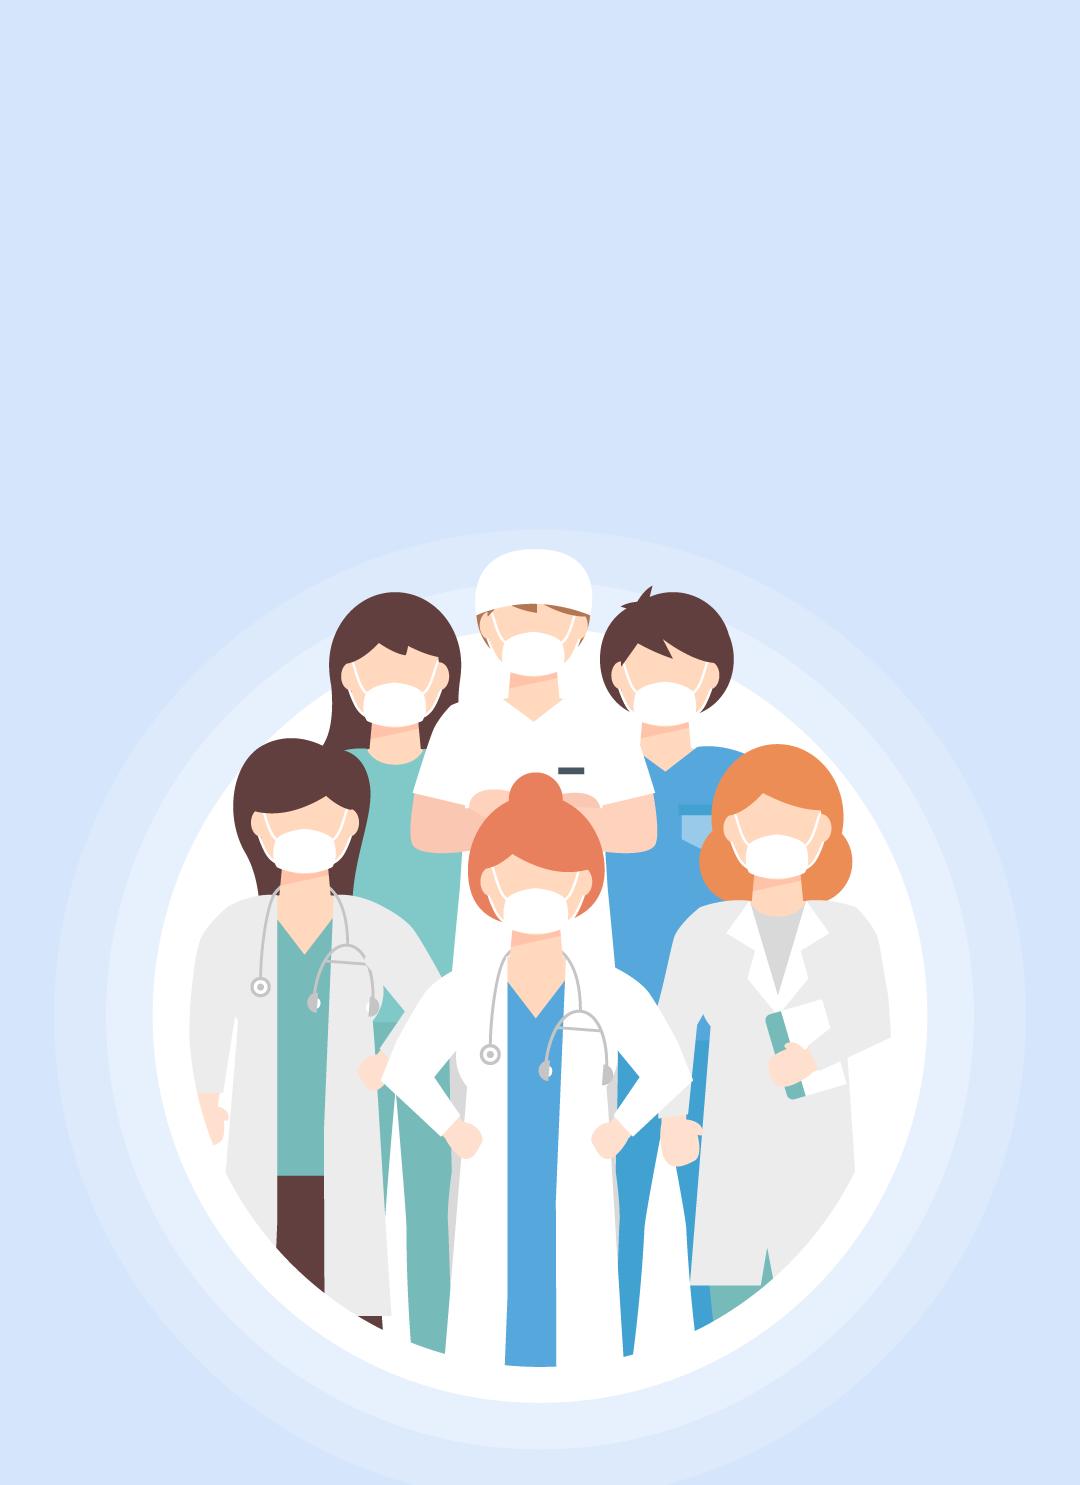 360 Negligencias médicas - Servicios de 360 negligencias médicas- Denuncias a sanitarios